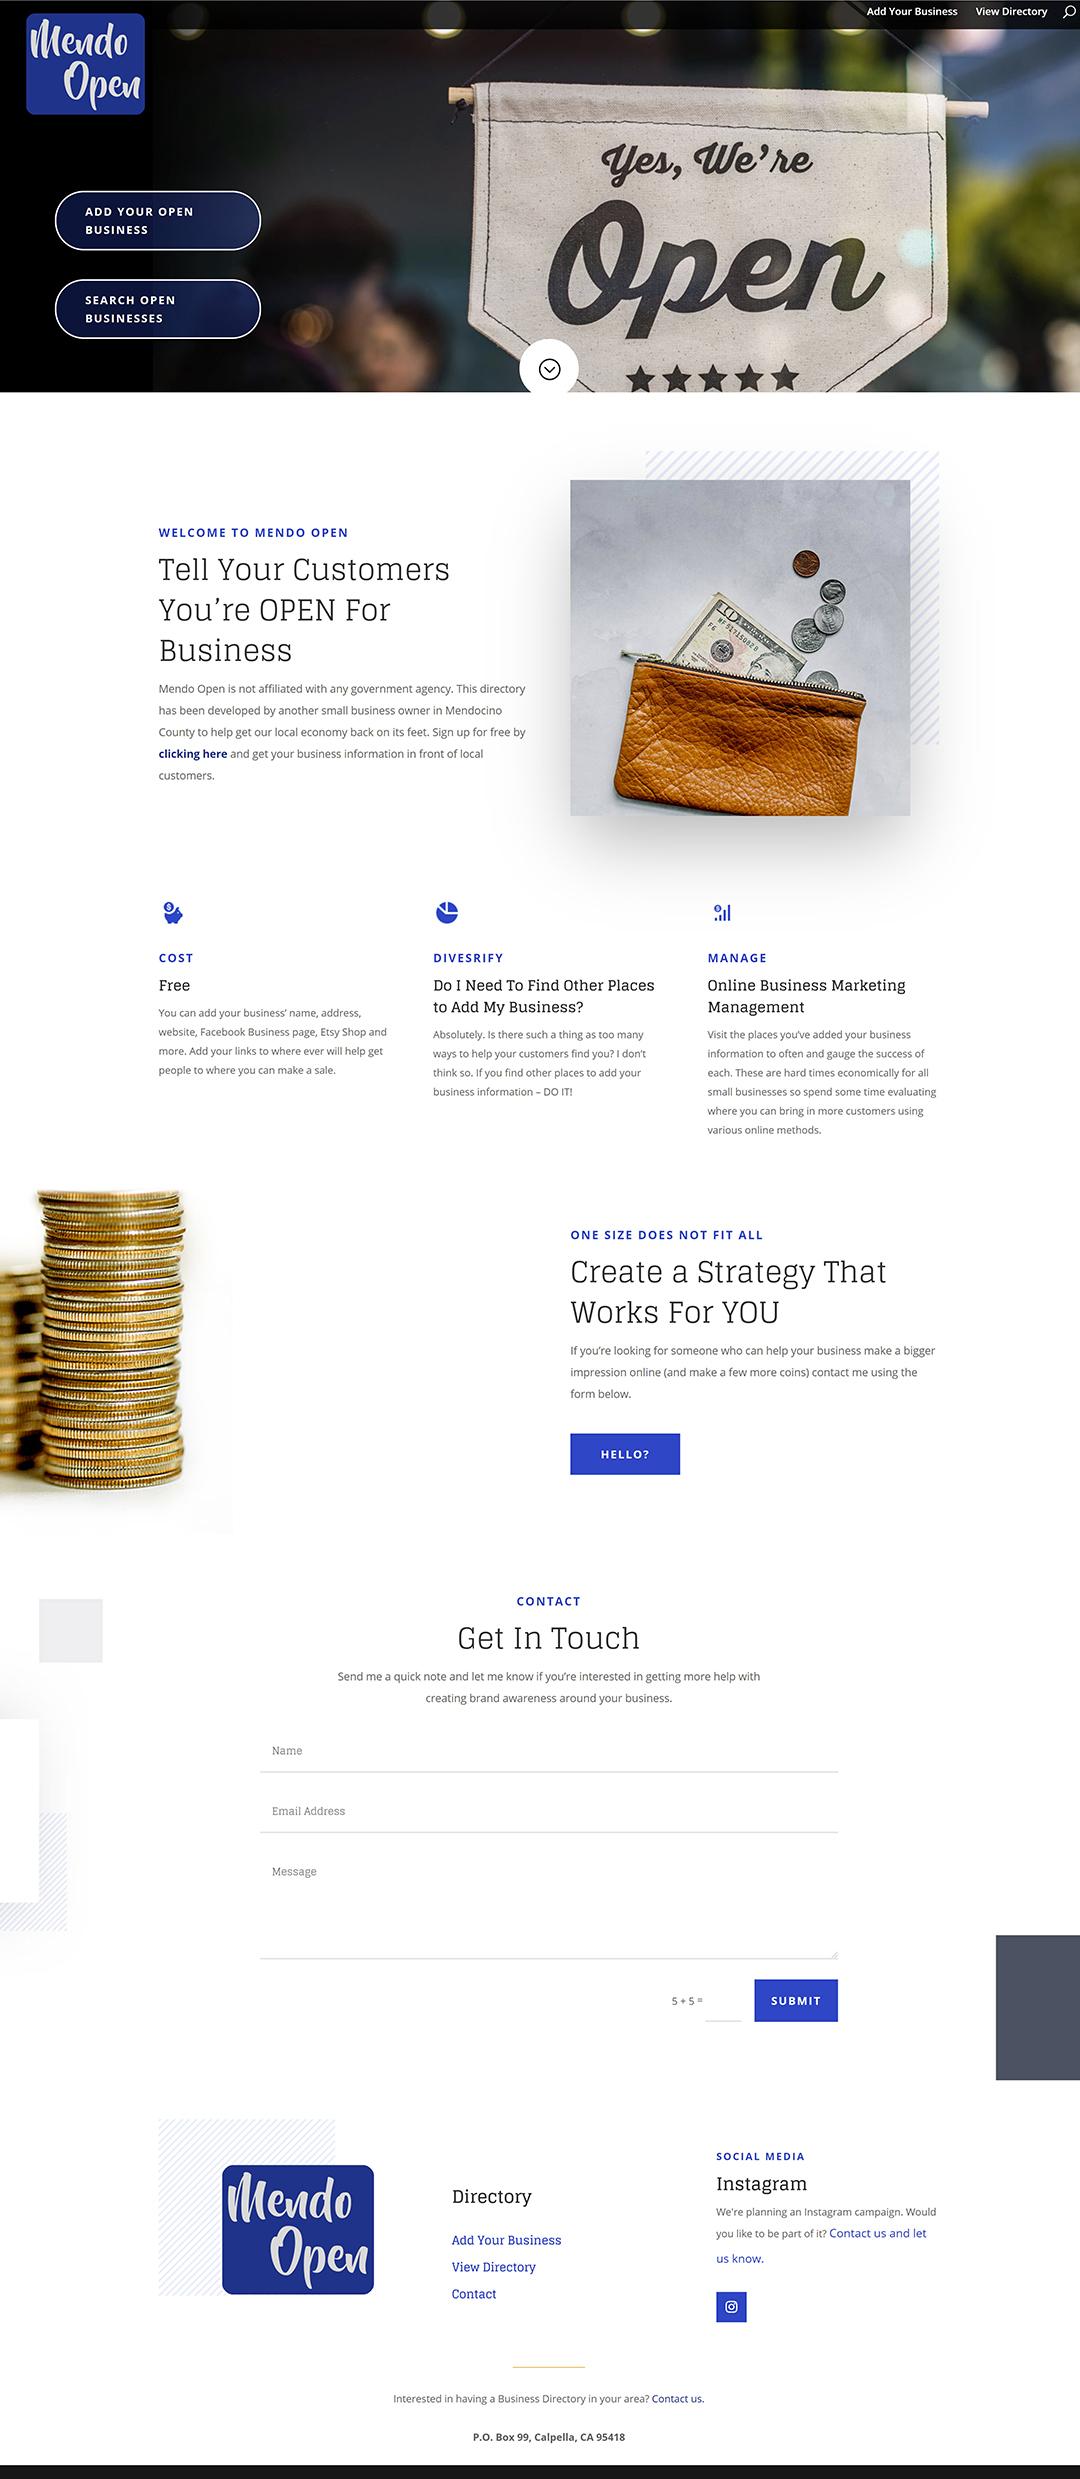 Mendo-Open-website